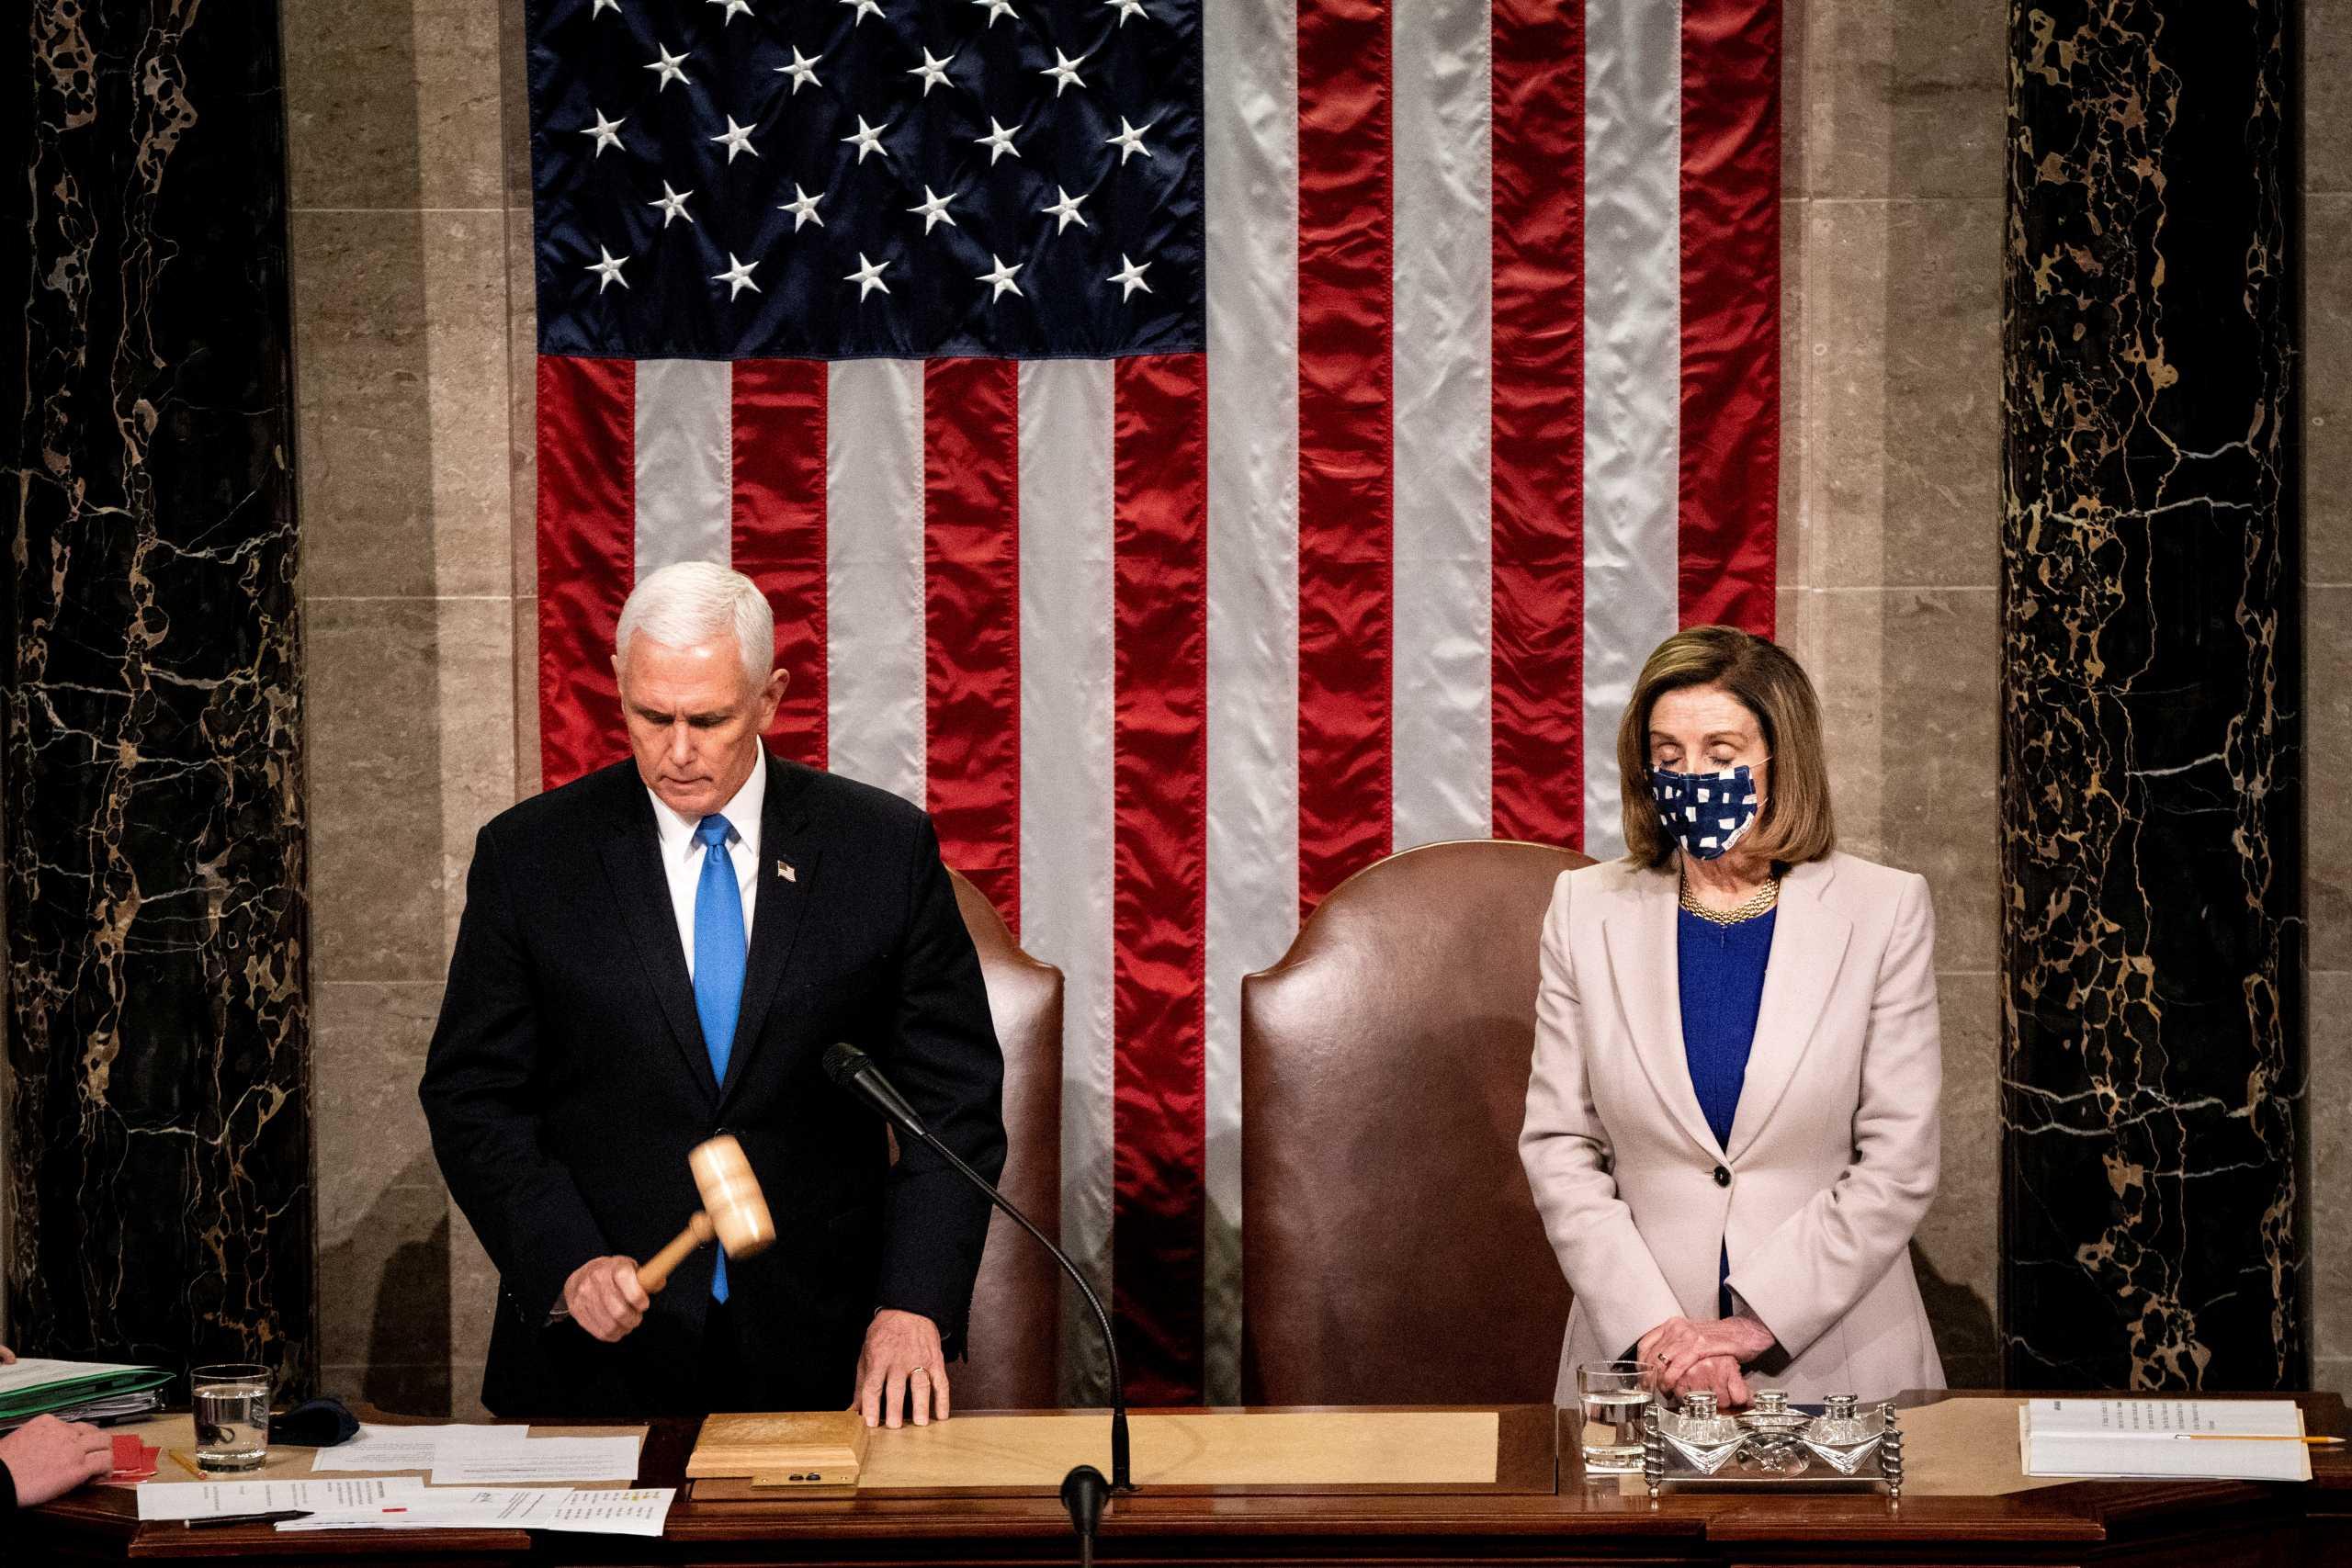 Οριστικό: Ο Τζο Μπάιντεν είναι ο 46ος Πρόεδρος των ΗΠΑ – Επικυρώθηκε η εκλογή του από το Κογκρέσο